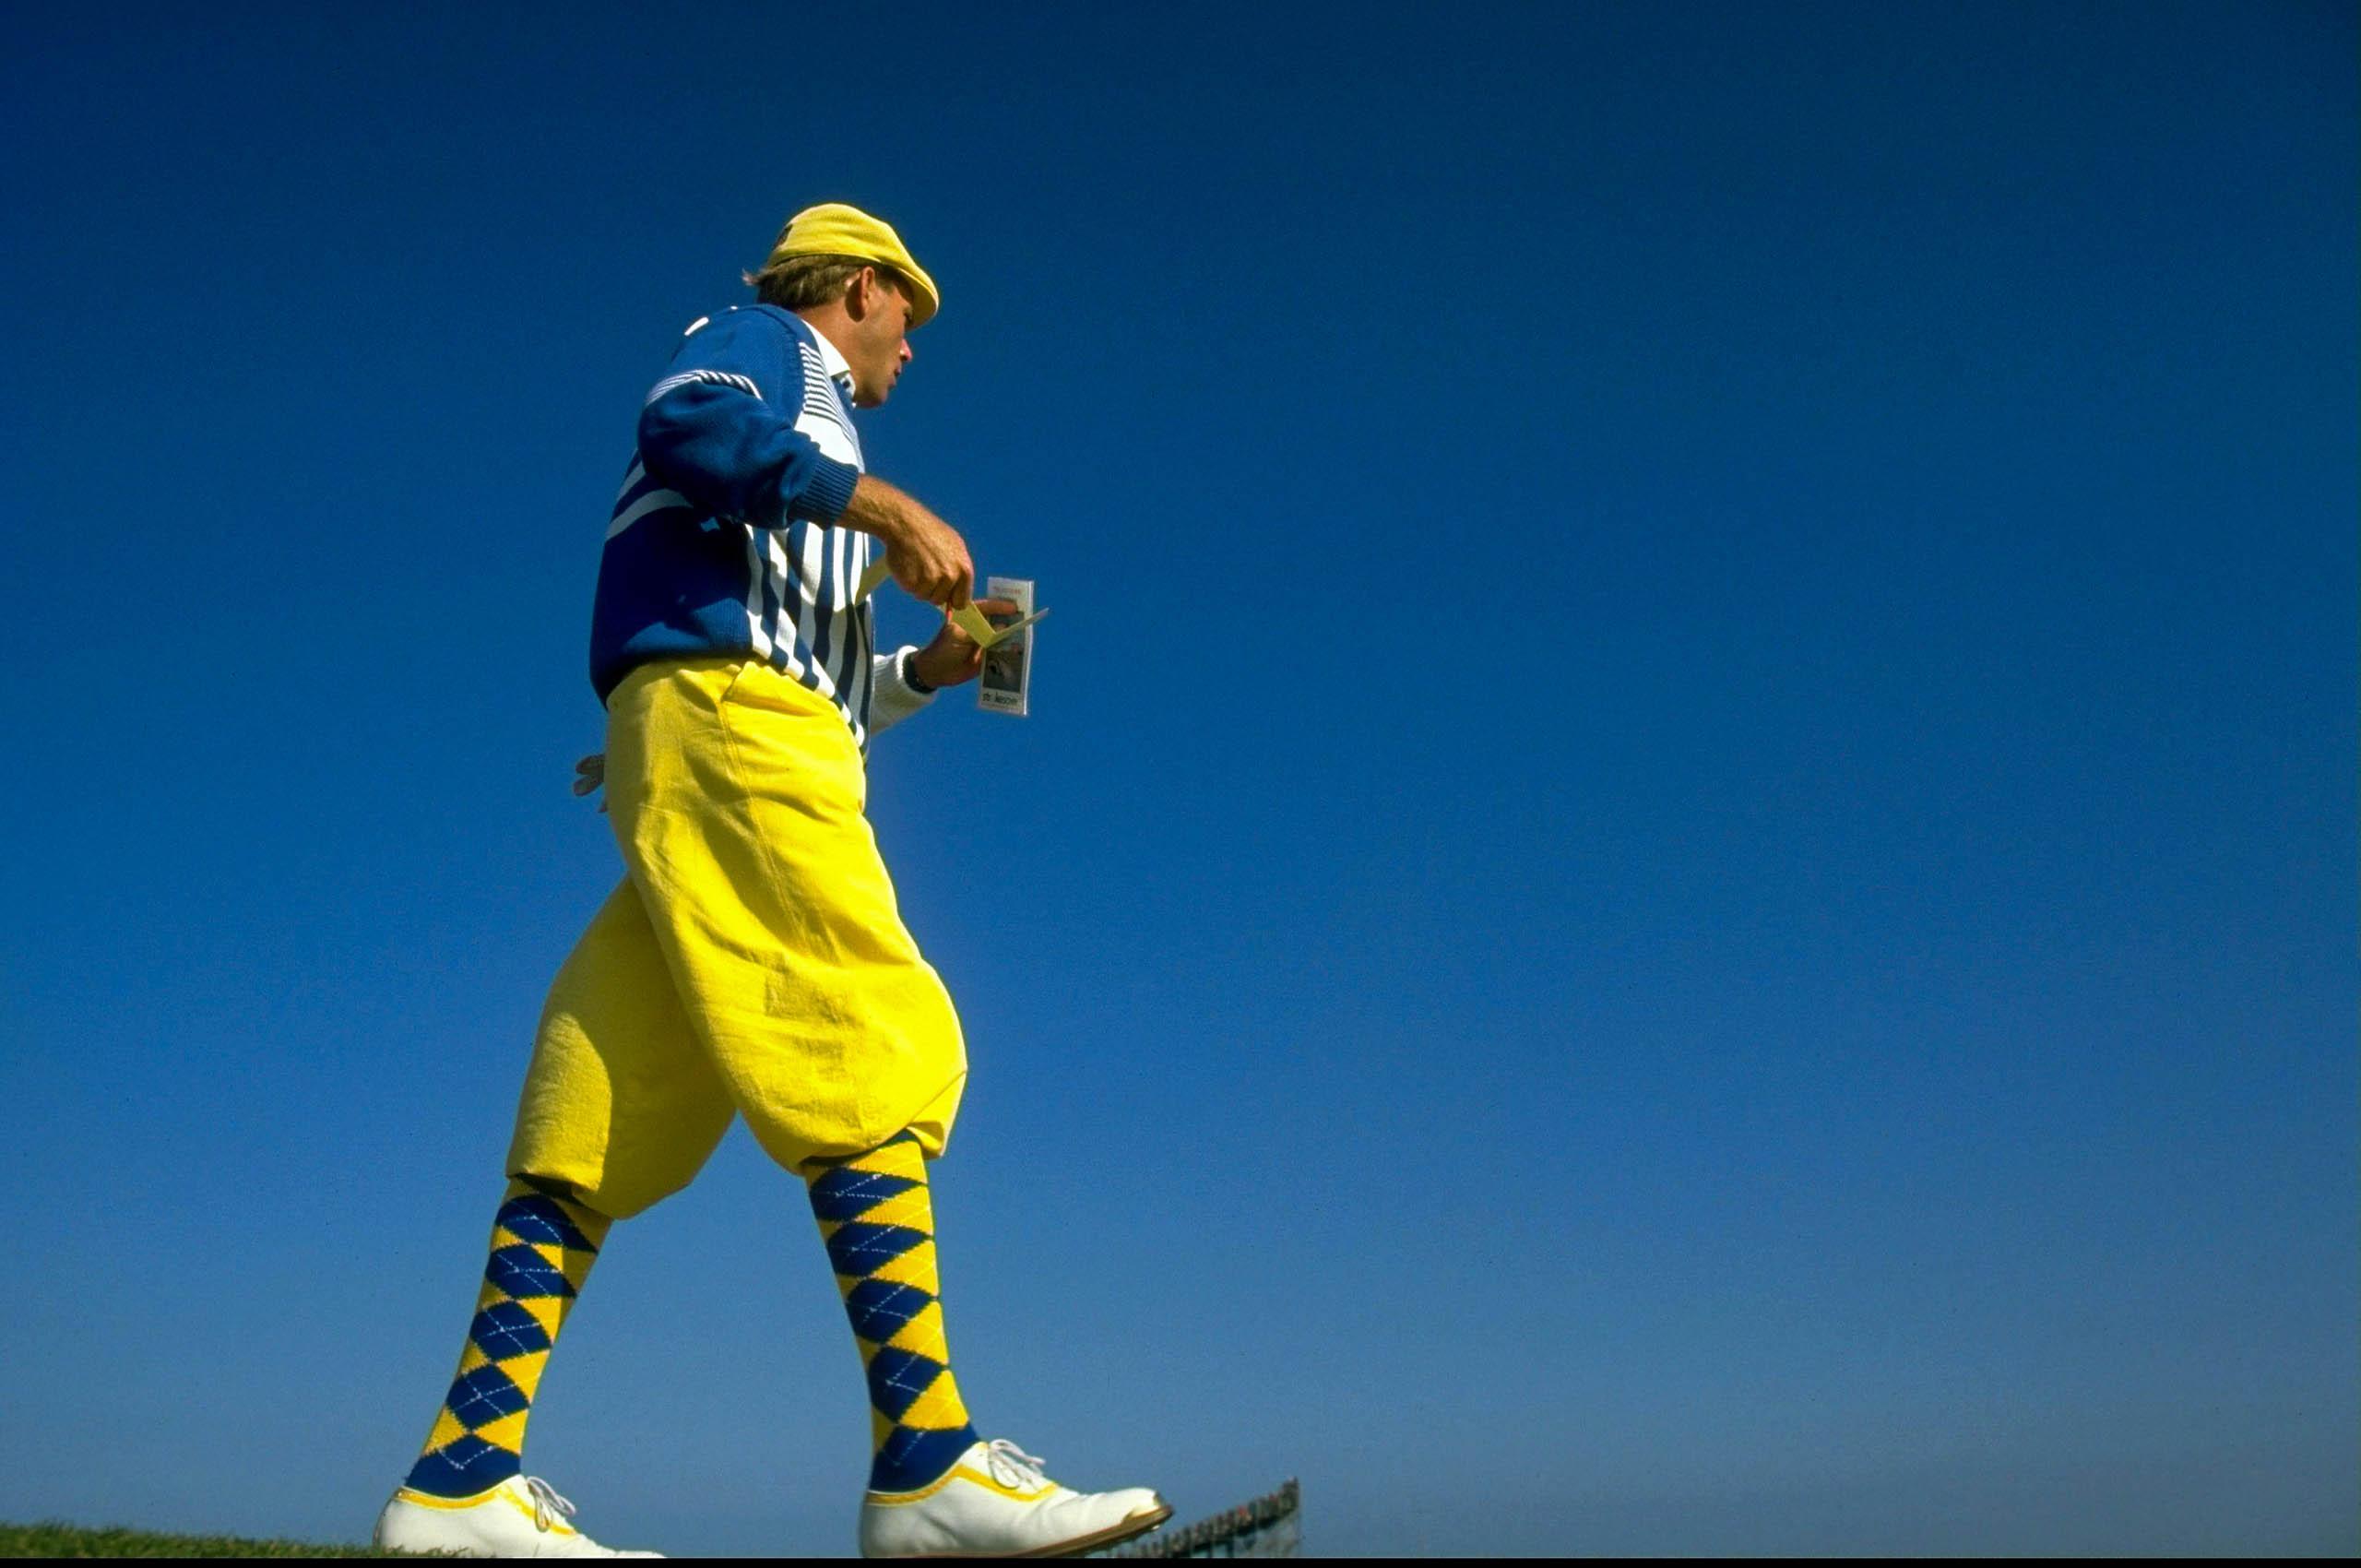 Payne Stewart, 1990 Open Championship